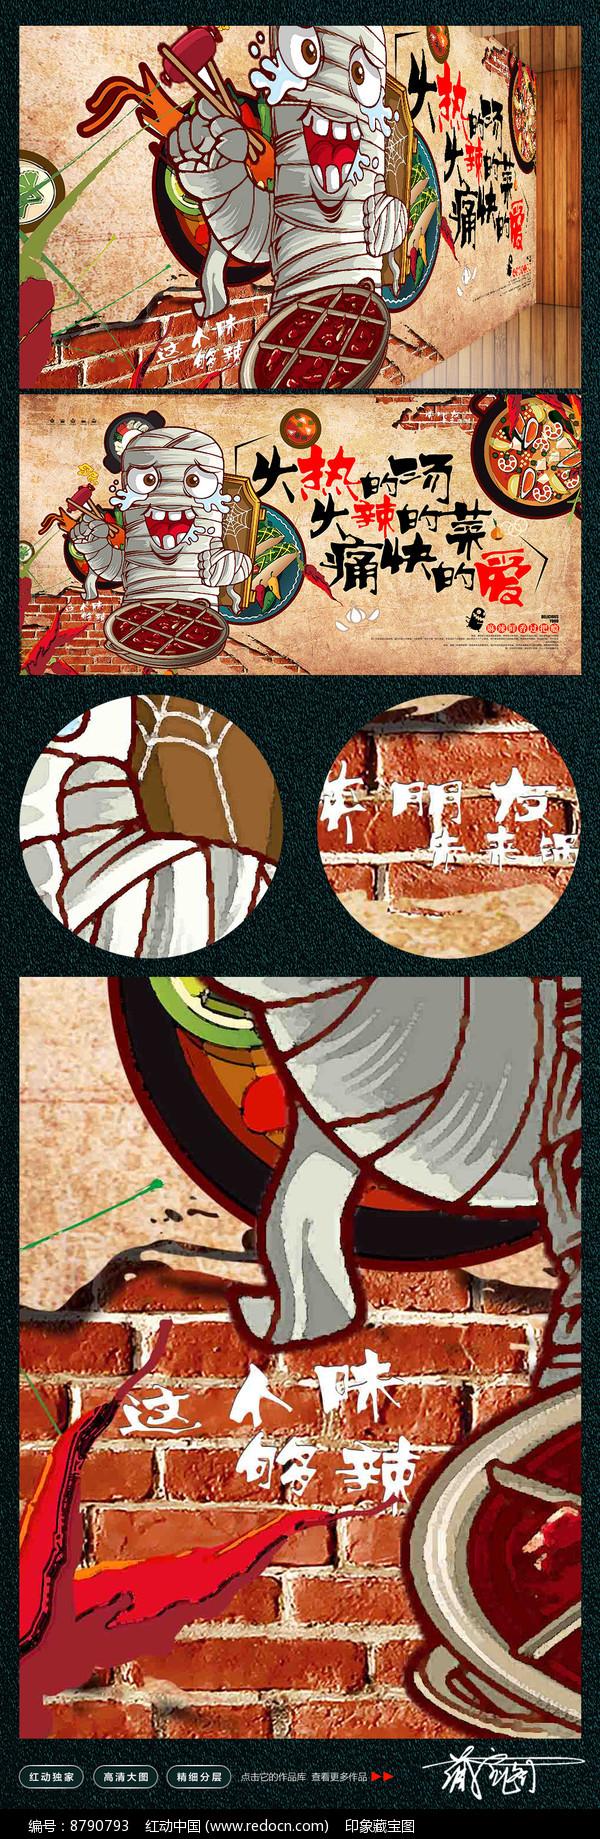 创意手绘火锅店壁画背景墙图片